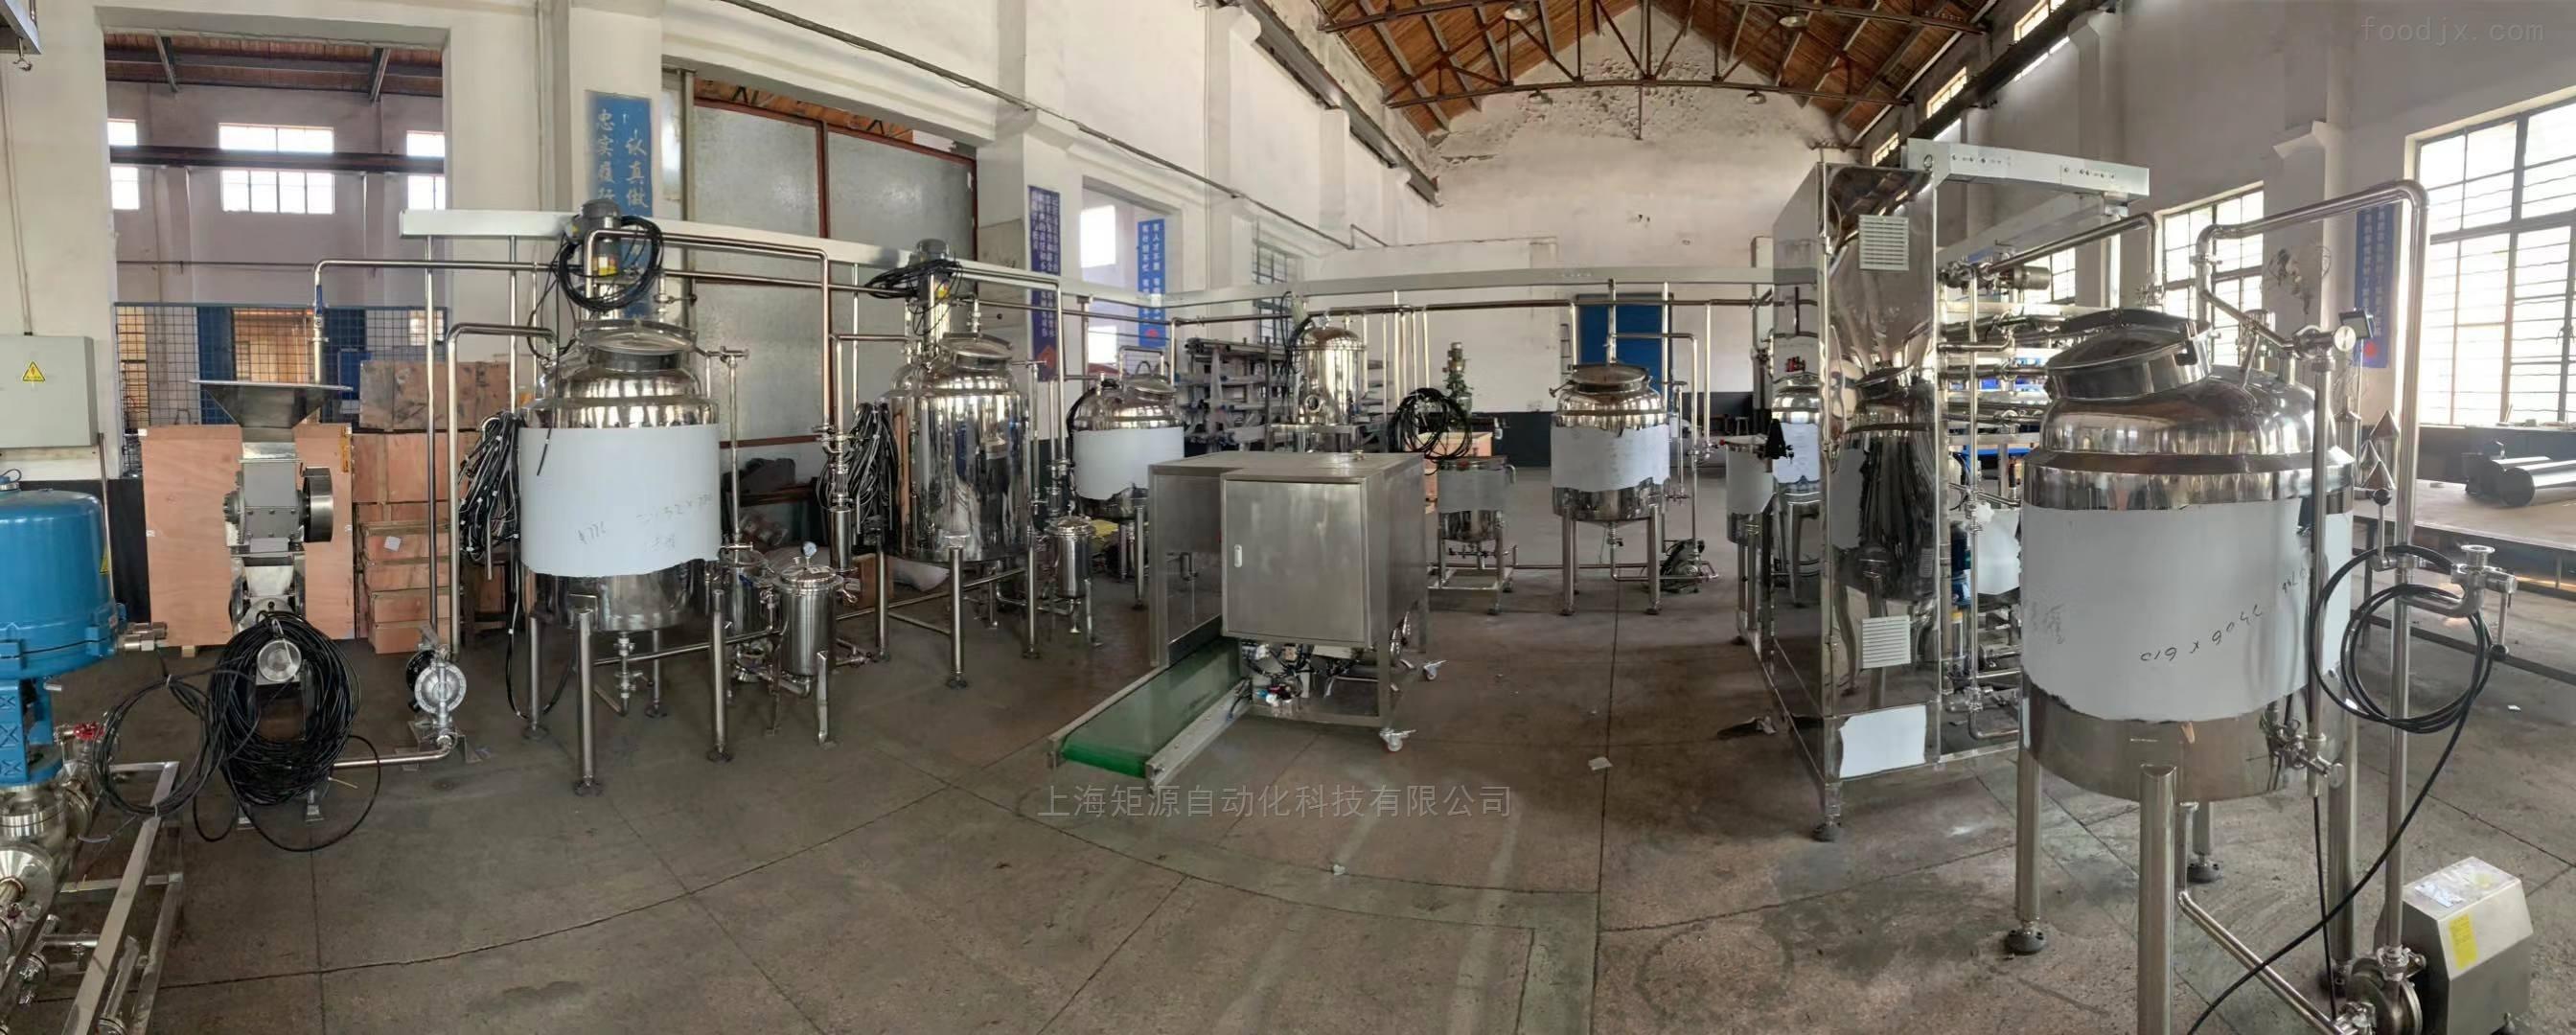 不锈钢全自动含汽水饮料灌装生产线